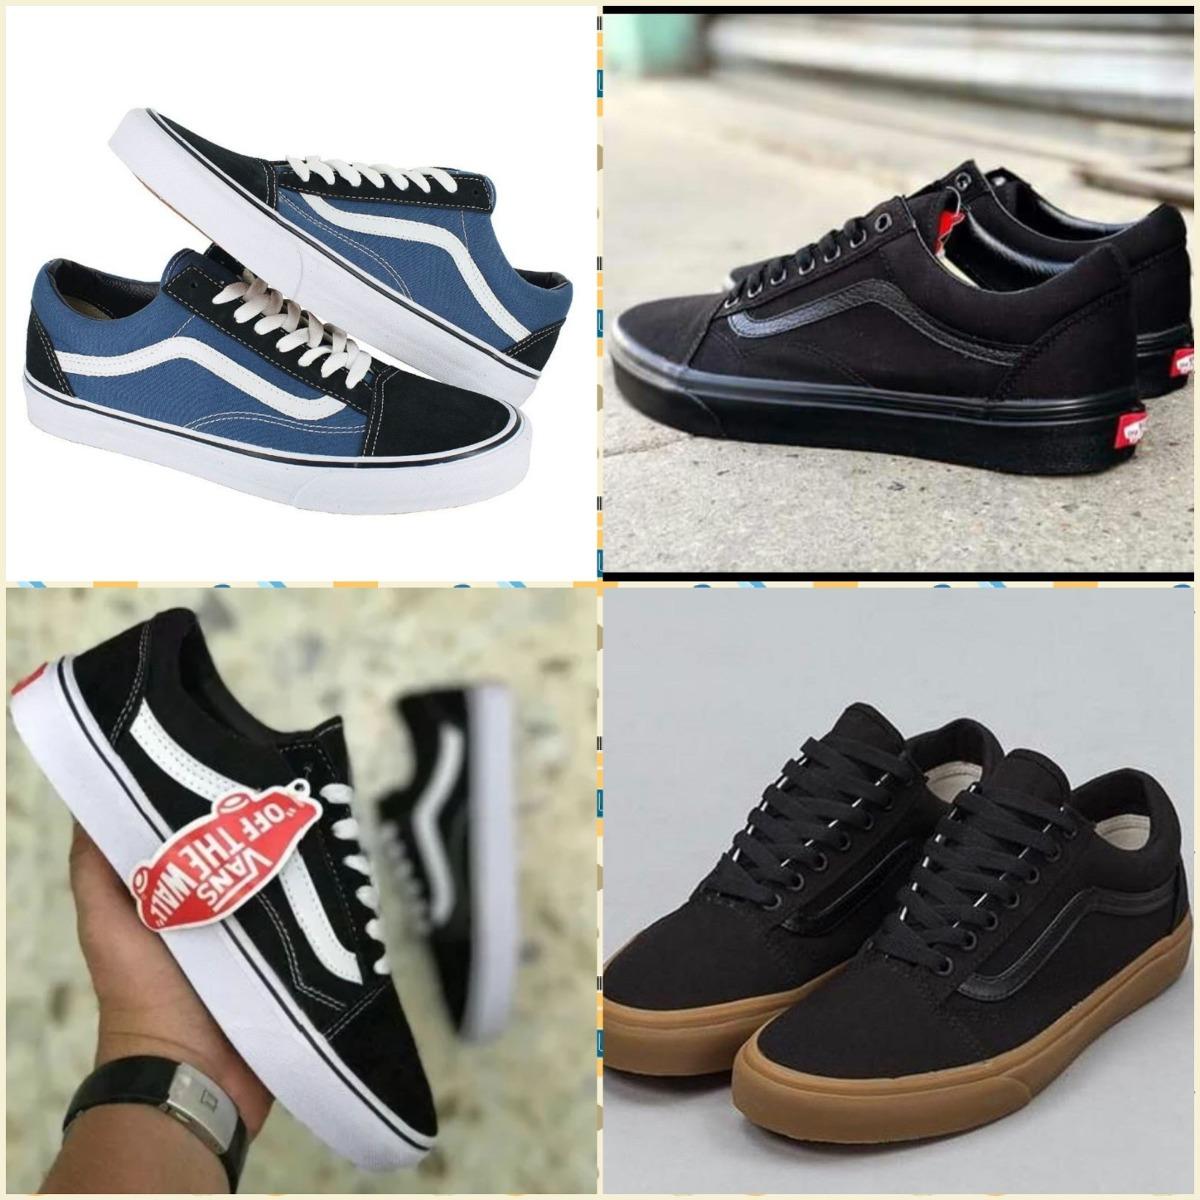 En Mercado Vans 75 Libre Para Hombre U S 00 Originales Zapatos kXuPZTiO